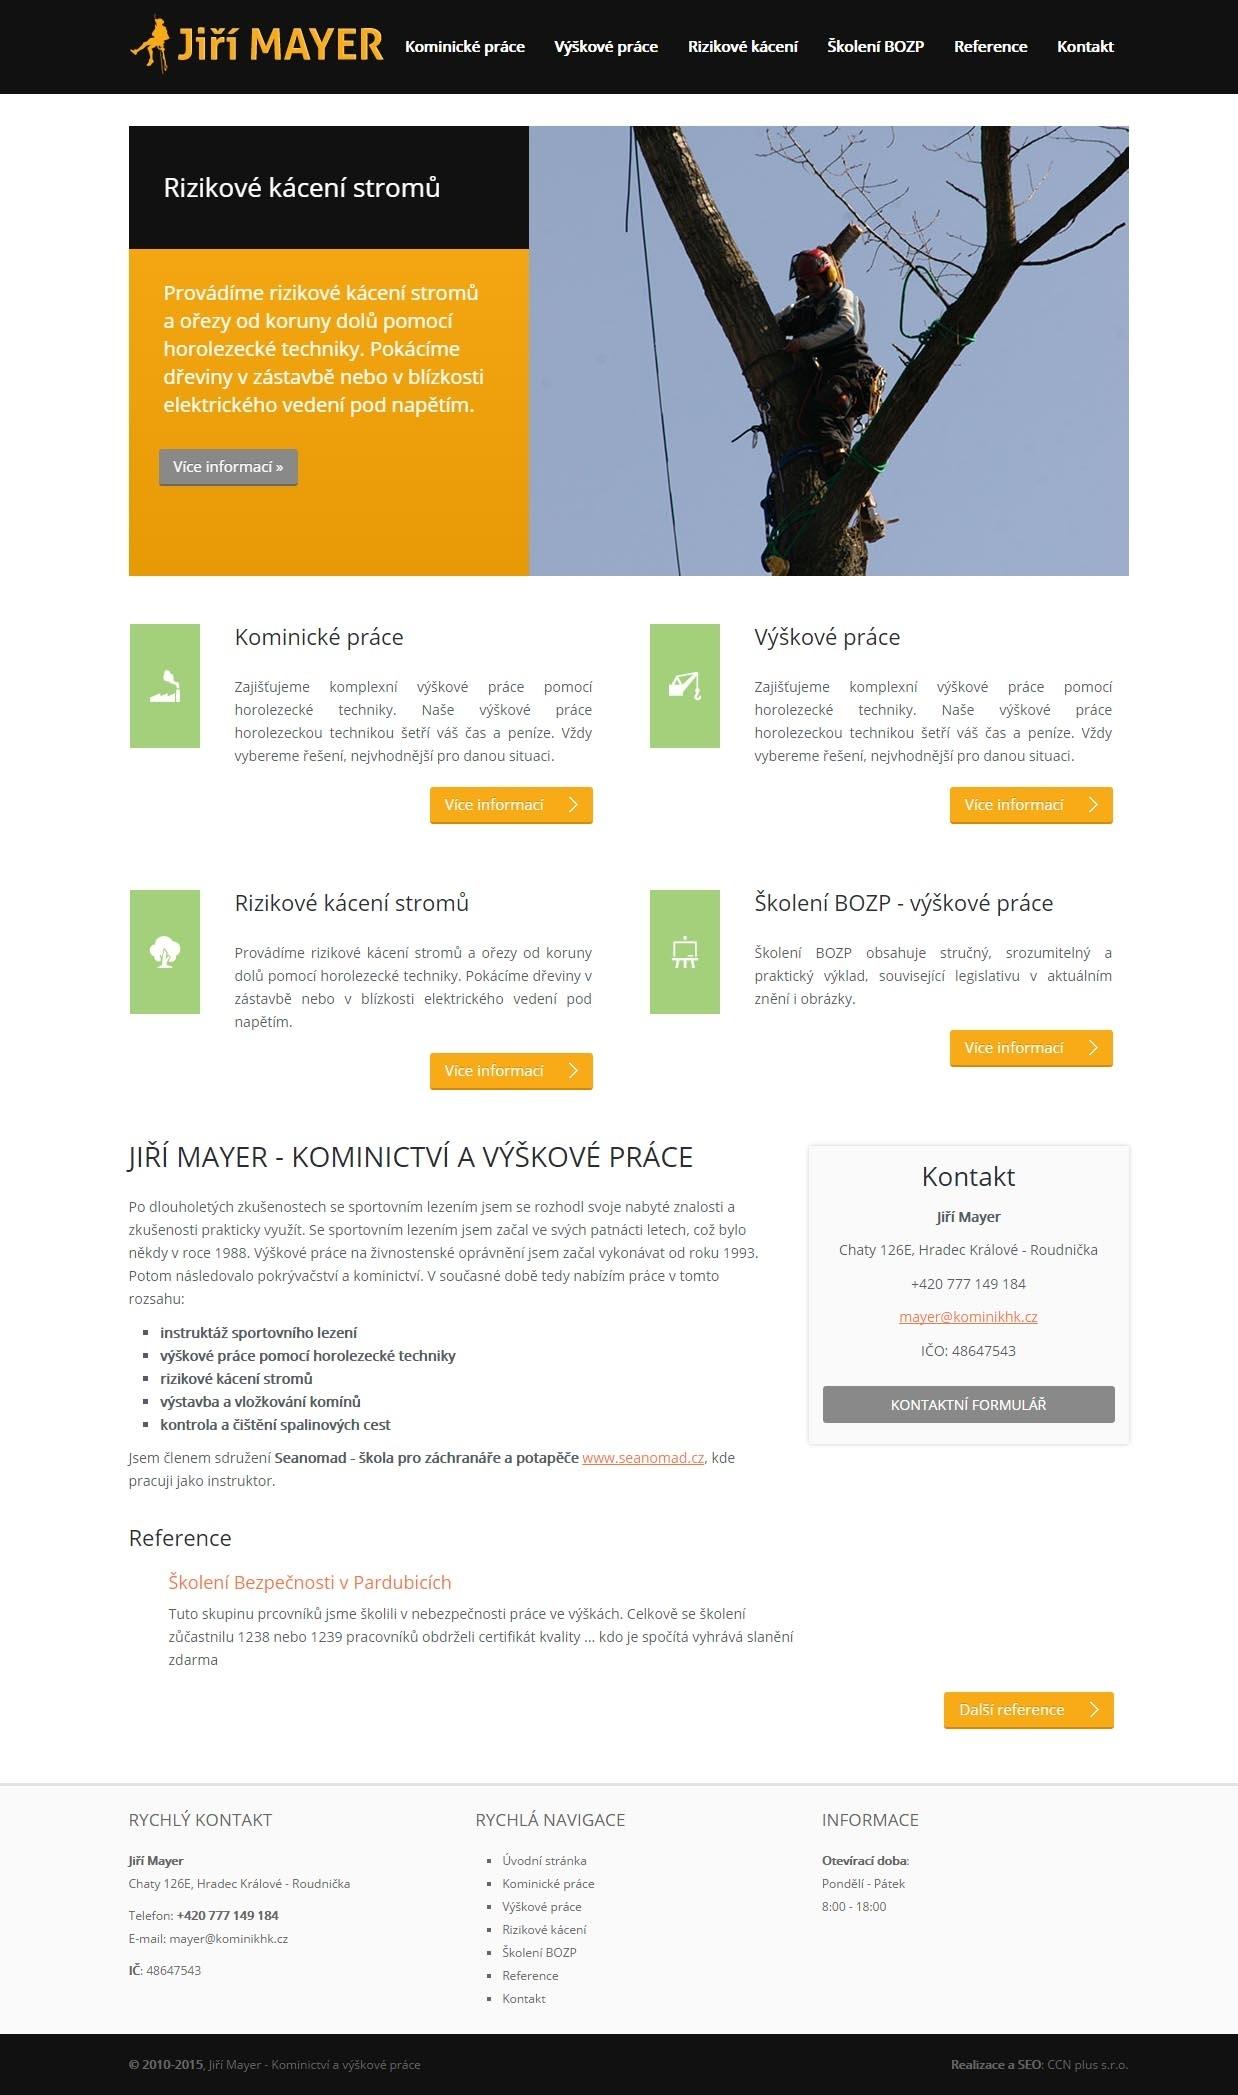 Kominík HK - výškové práce, rizikové kácení stromů